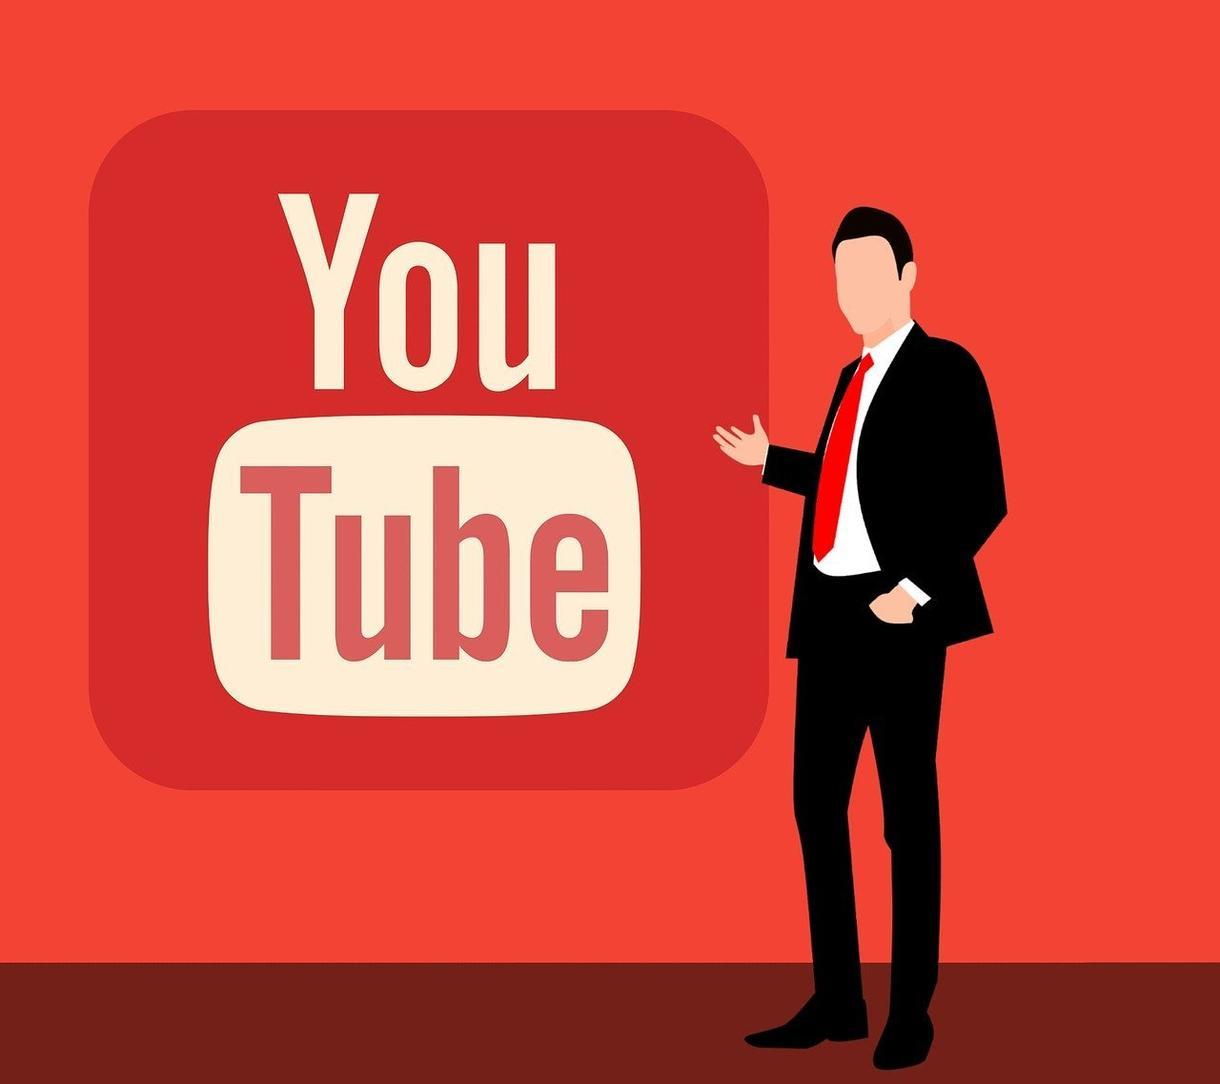 継続大歓迎!!YouTube動画編集を代行します スピード納品!!低価格高品質な動画を制作いたします!! イメージ1